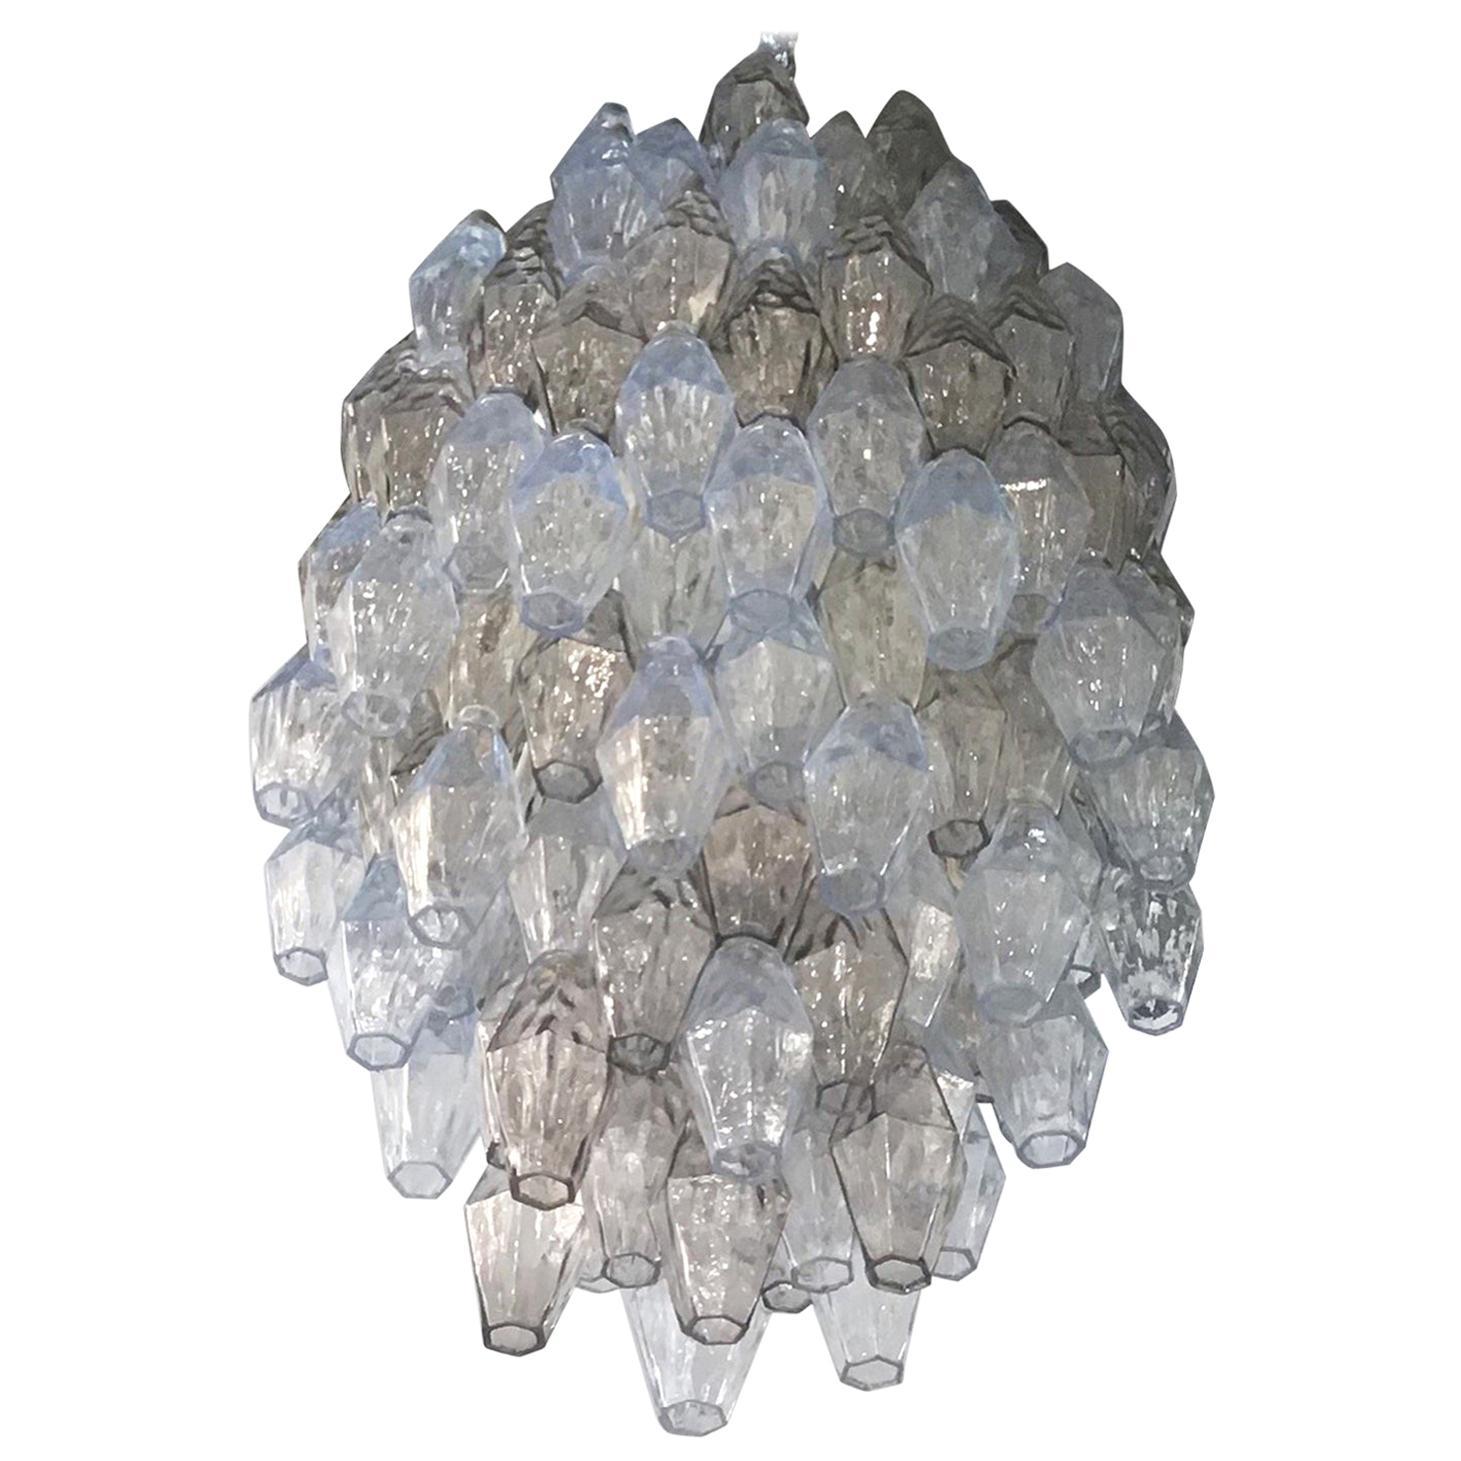 Venini Carlo Scarpa Chandelier Poliedri Murano Light Bluend Brass, 1950